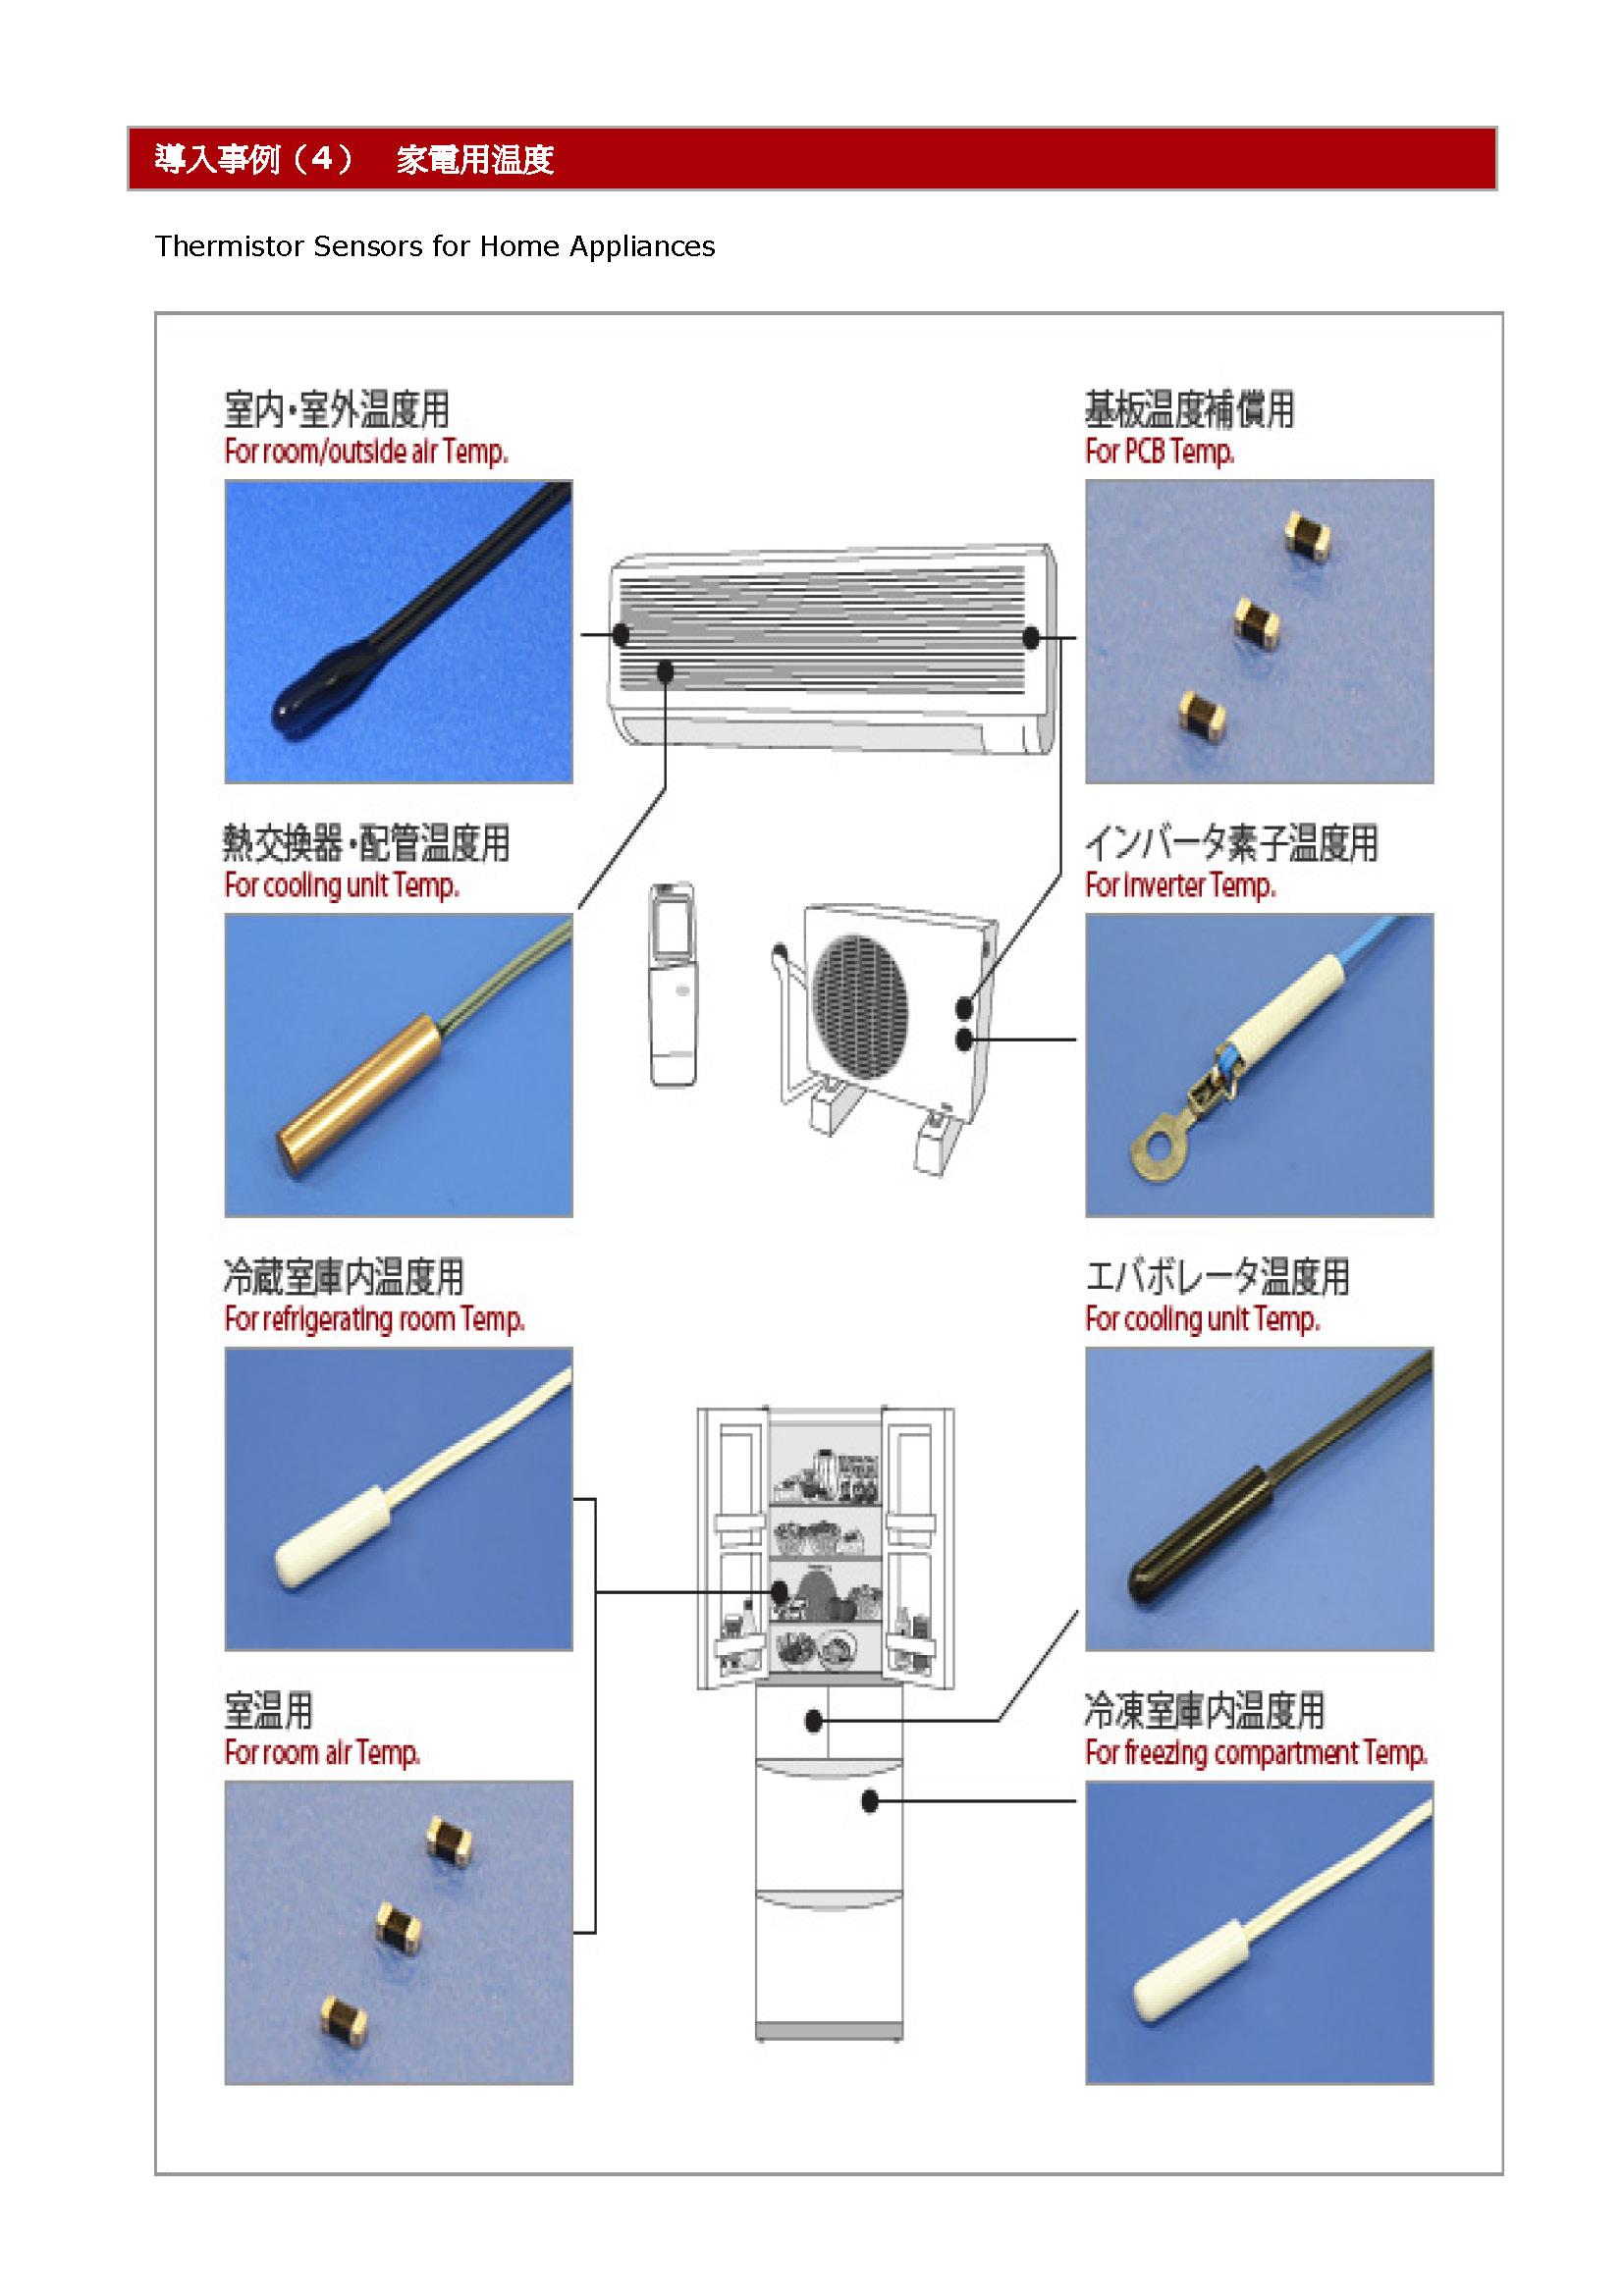 温控开关温度开关_NTC热敏电阻的应用-深圳全威科技-NTC热敏电阻,温度传感器,温度 ...